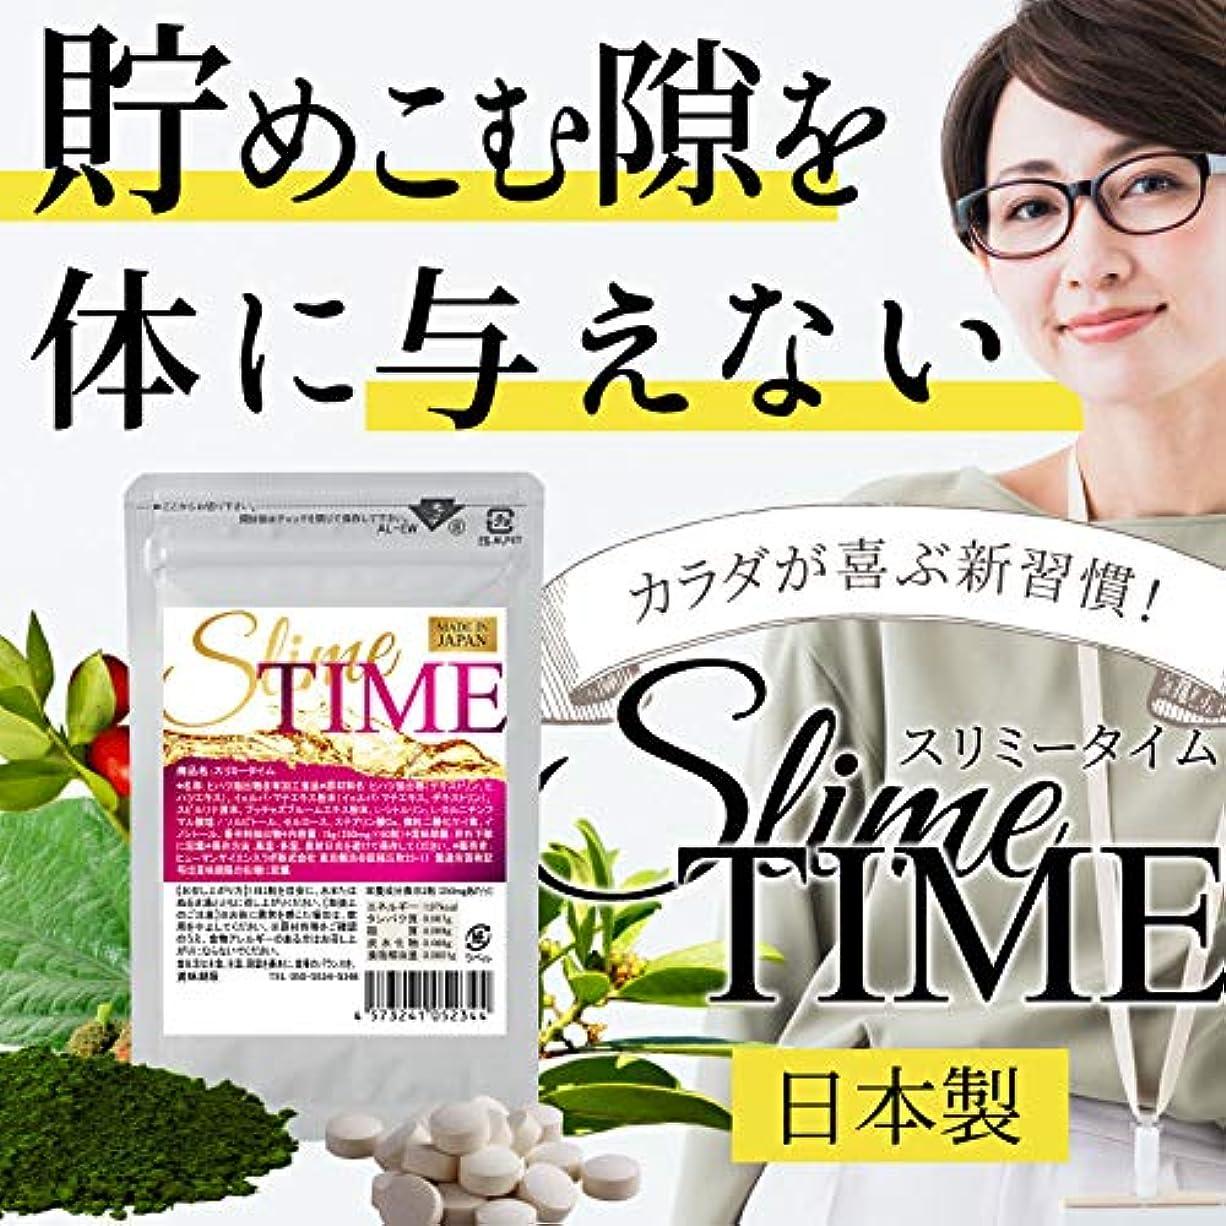 見捨てる欲しいですSLIME TIME~スリミータイム~ ダイエット ダイエットサプリ 送料無料